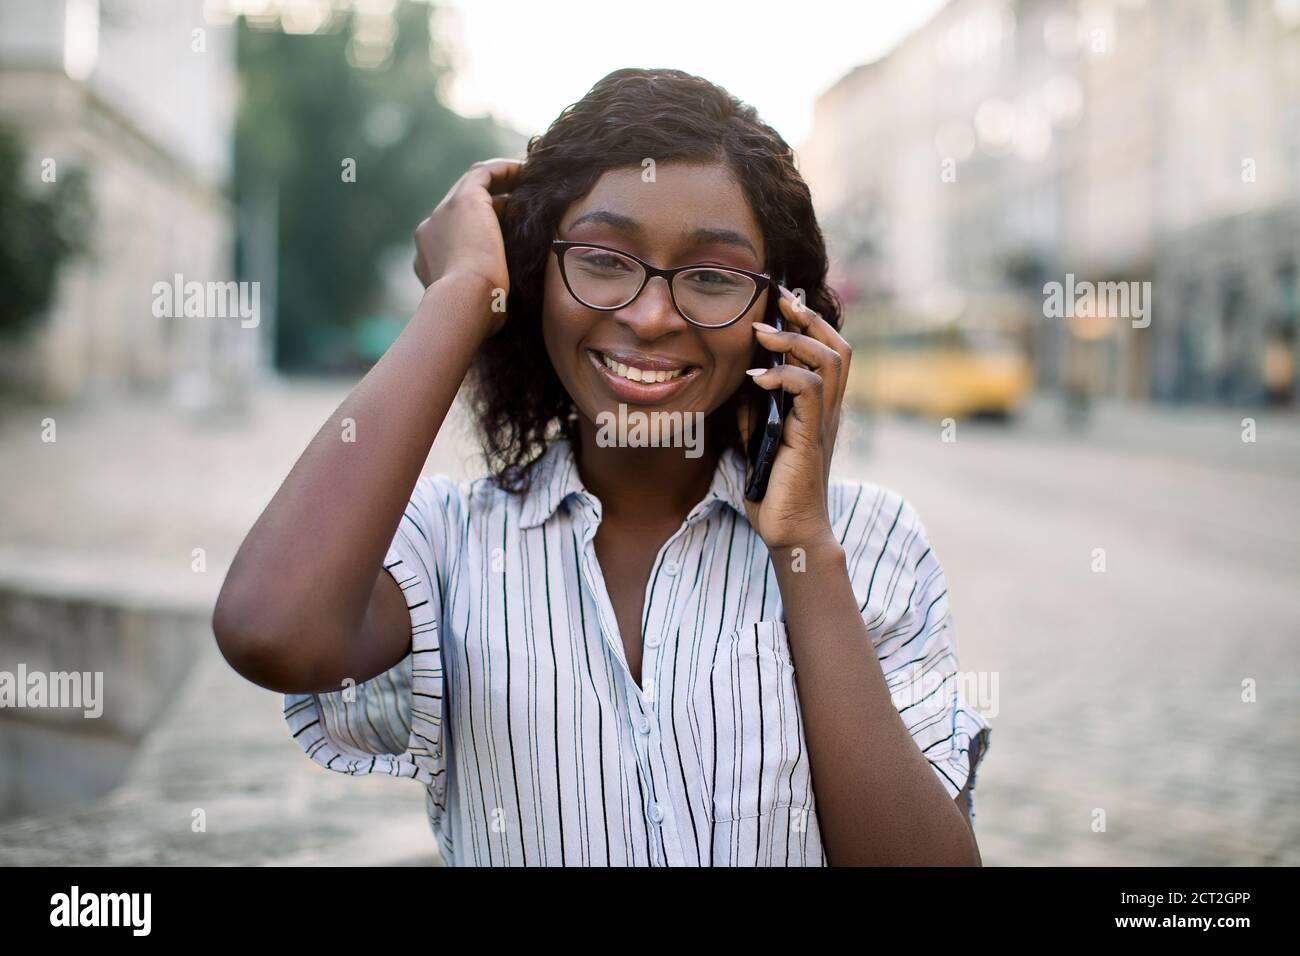 Nahaufnahme Porträt einer lächelnden afrikanerin in einer Brille, die mit dem Handy durch die Altstadt läuft, mit ihrer Freundin spricht und vor der Kamera lächelt. Menschen Stockfoto